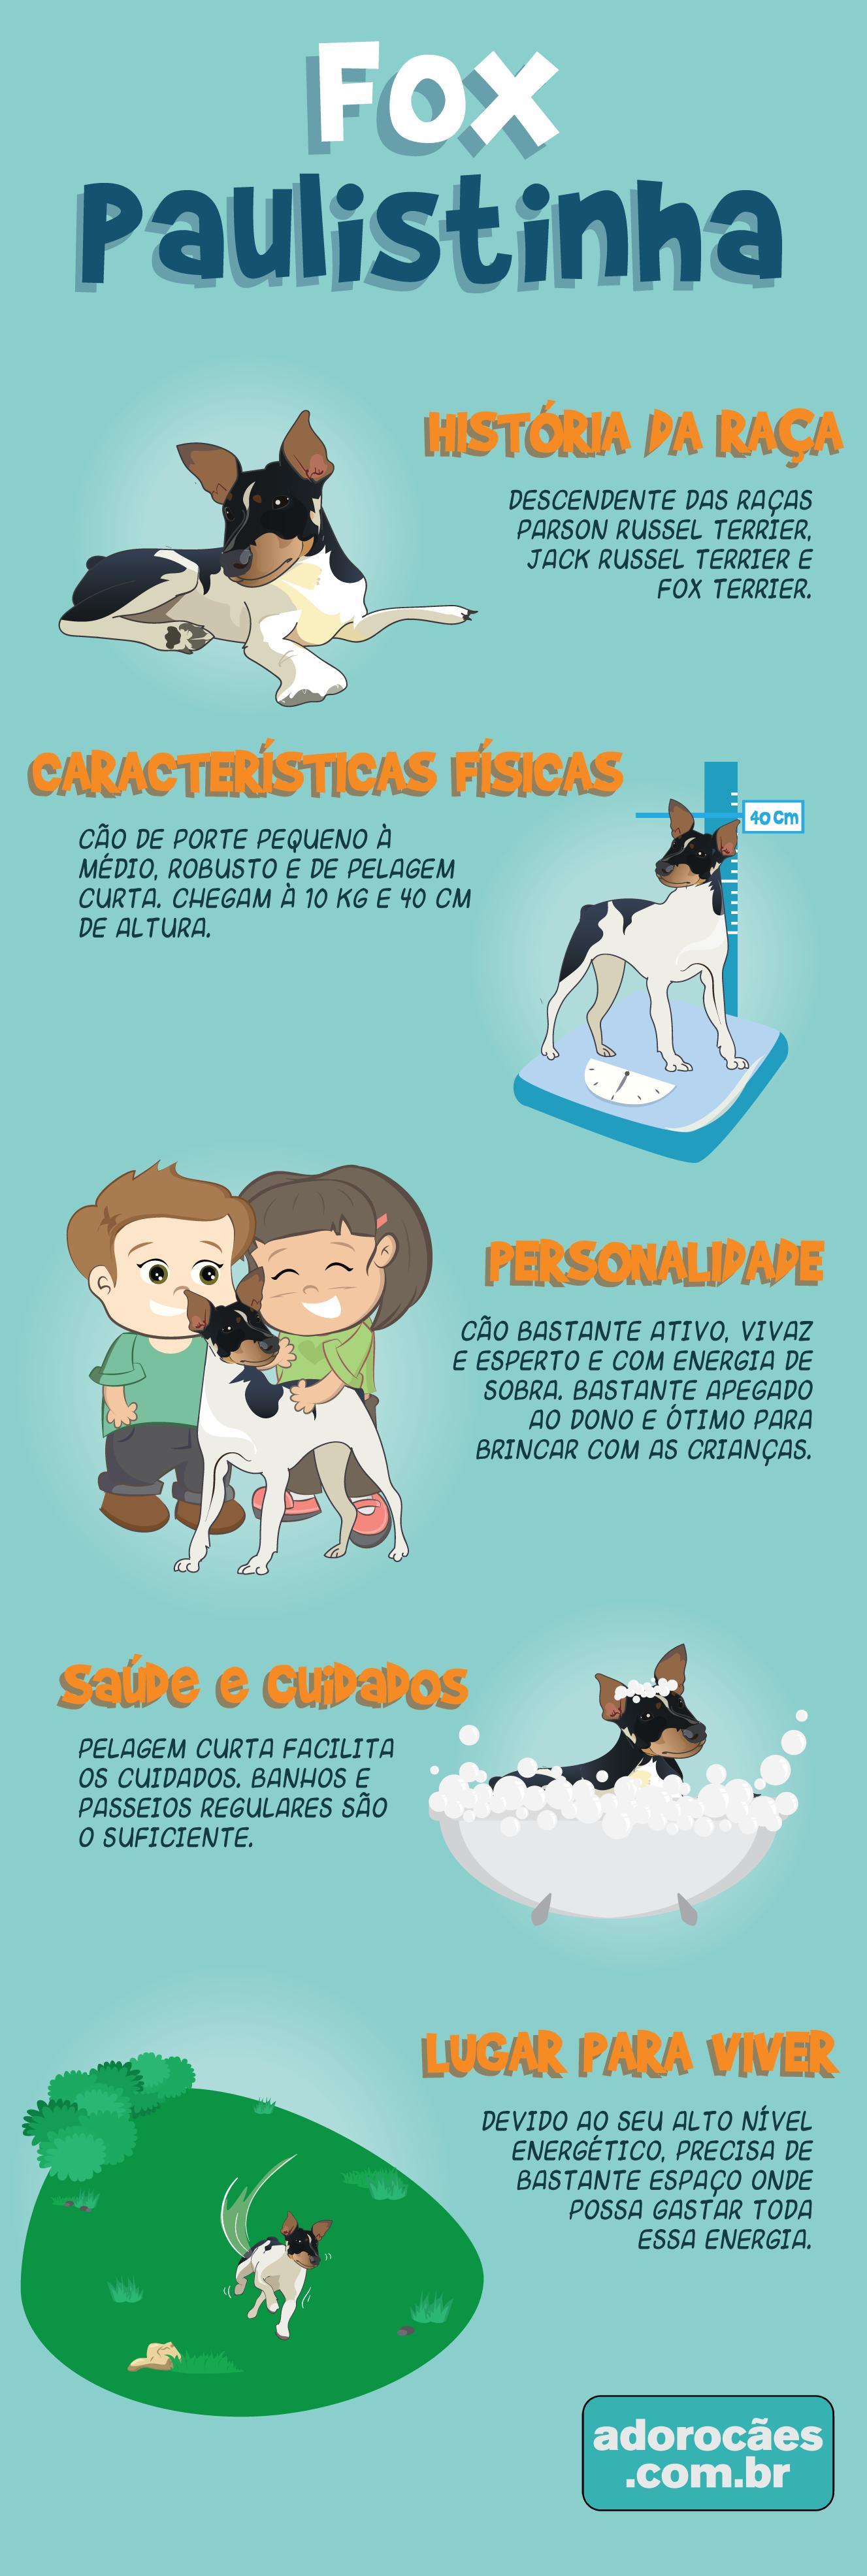 Fox Paulistinha infografico